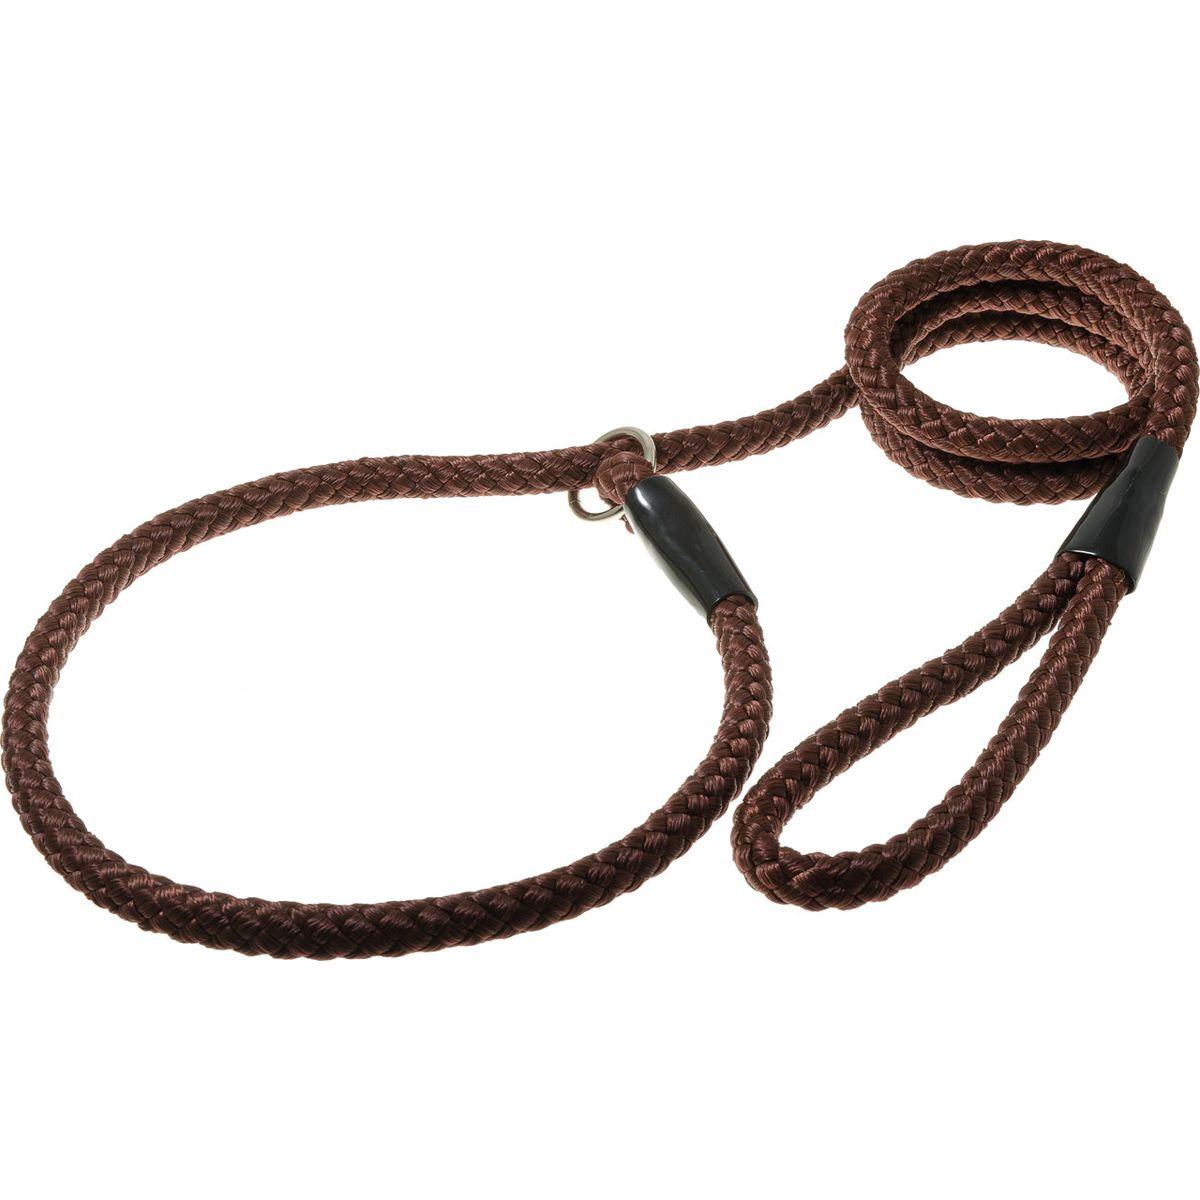 Поводок для собак V.I.Pet, цвет: коричневый, диаметр 12 мм, длина 1,7 мPDE1268BRПоводок-удавка V.I.Pet состоит из петли с фиксатором и, собственно, поводка. Является самым распространенным видом выставочной амуниции. Подходит также для повседневного использования.